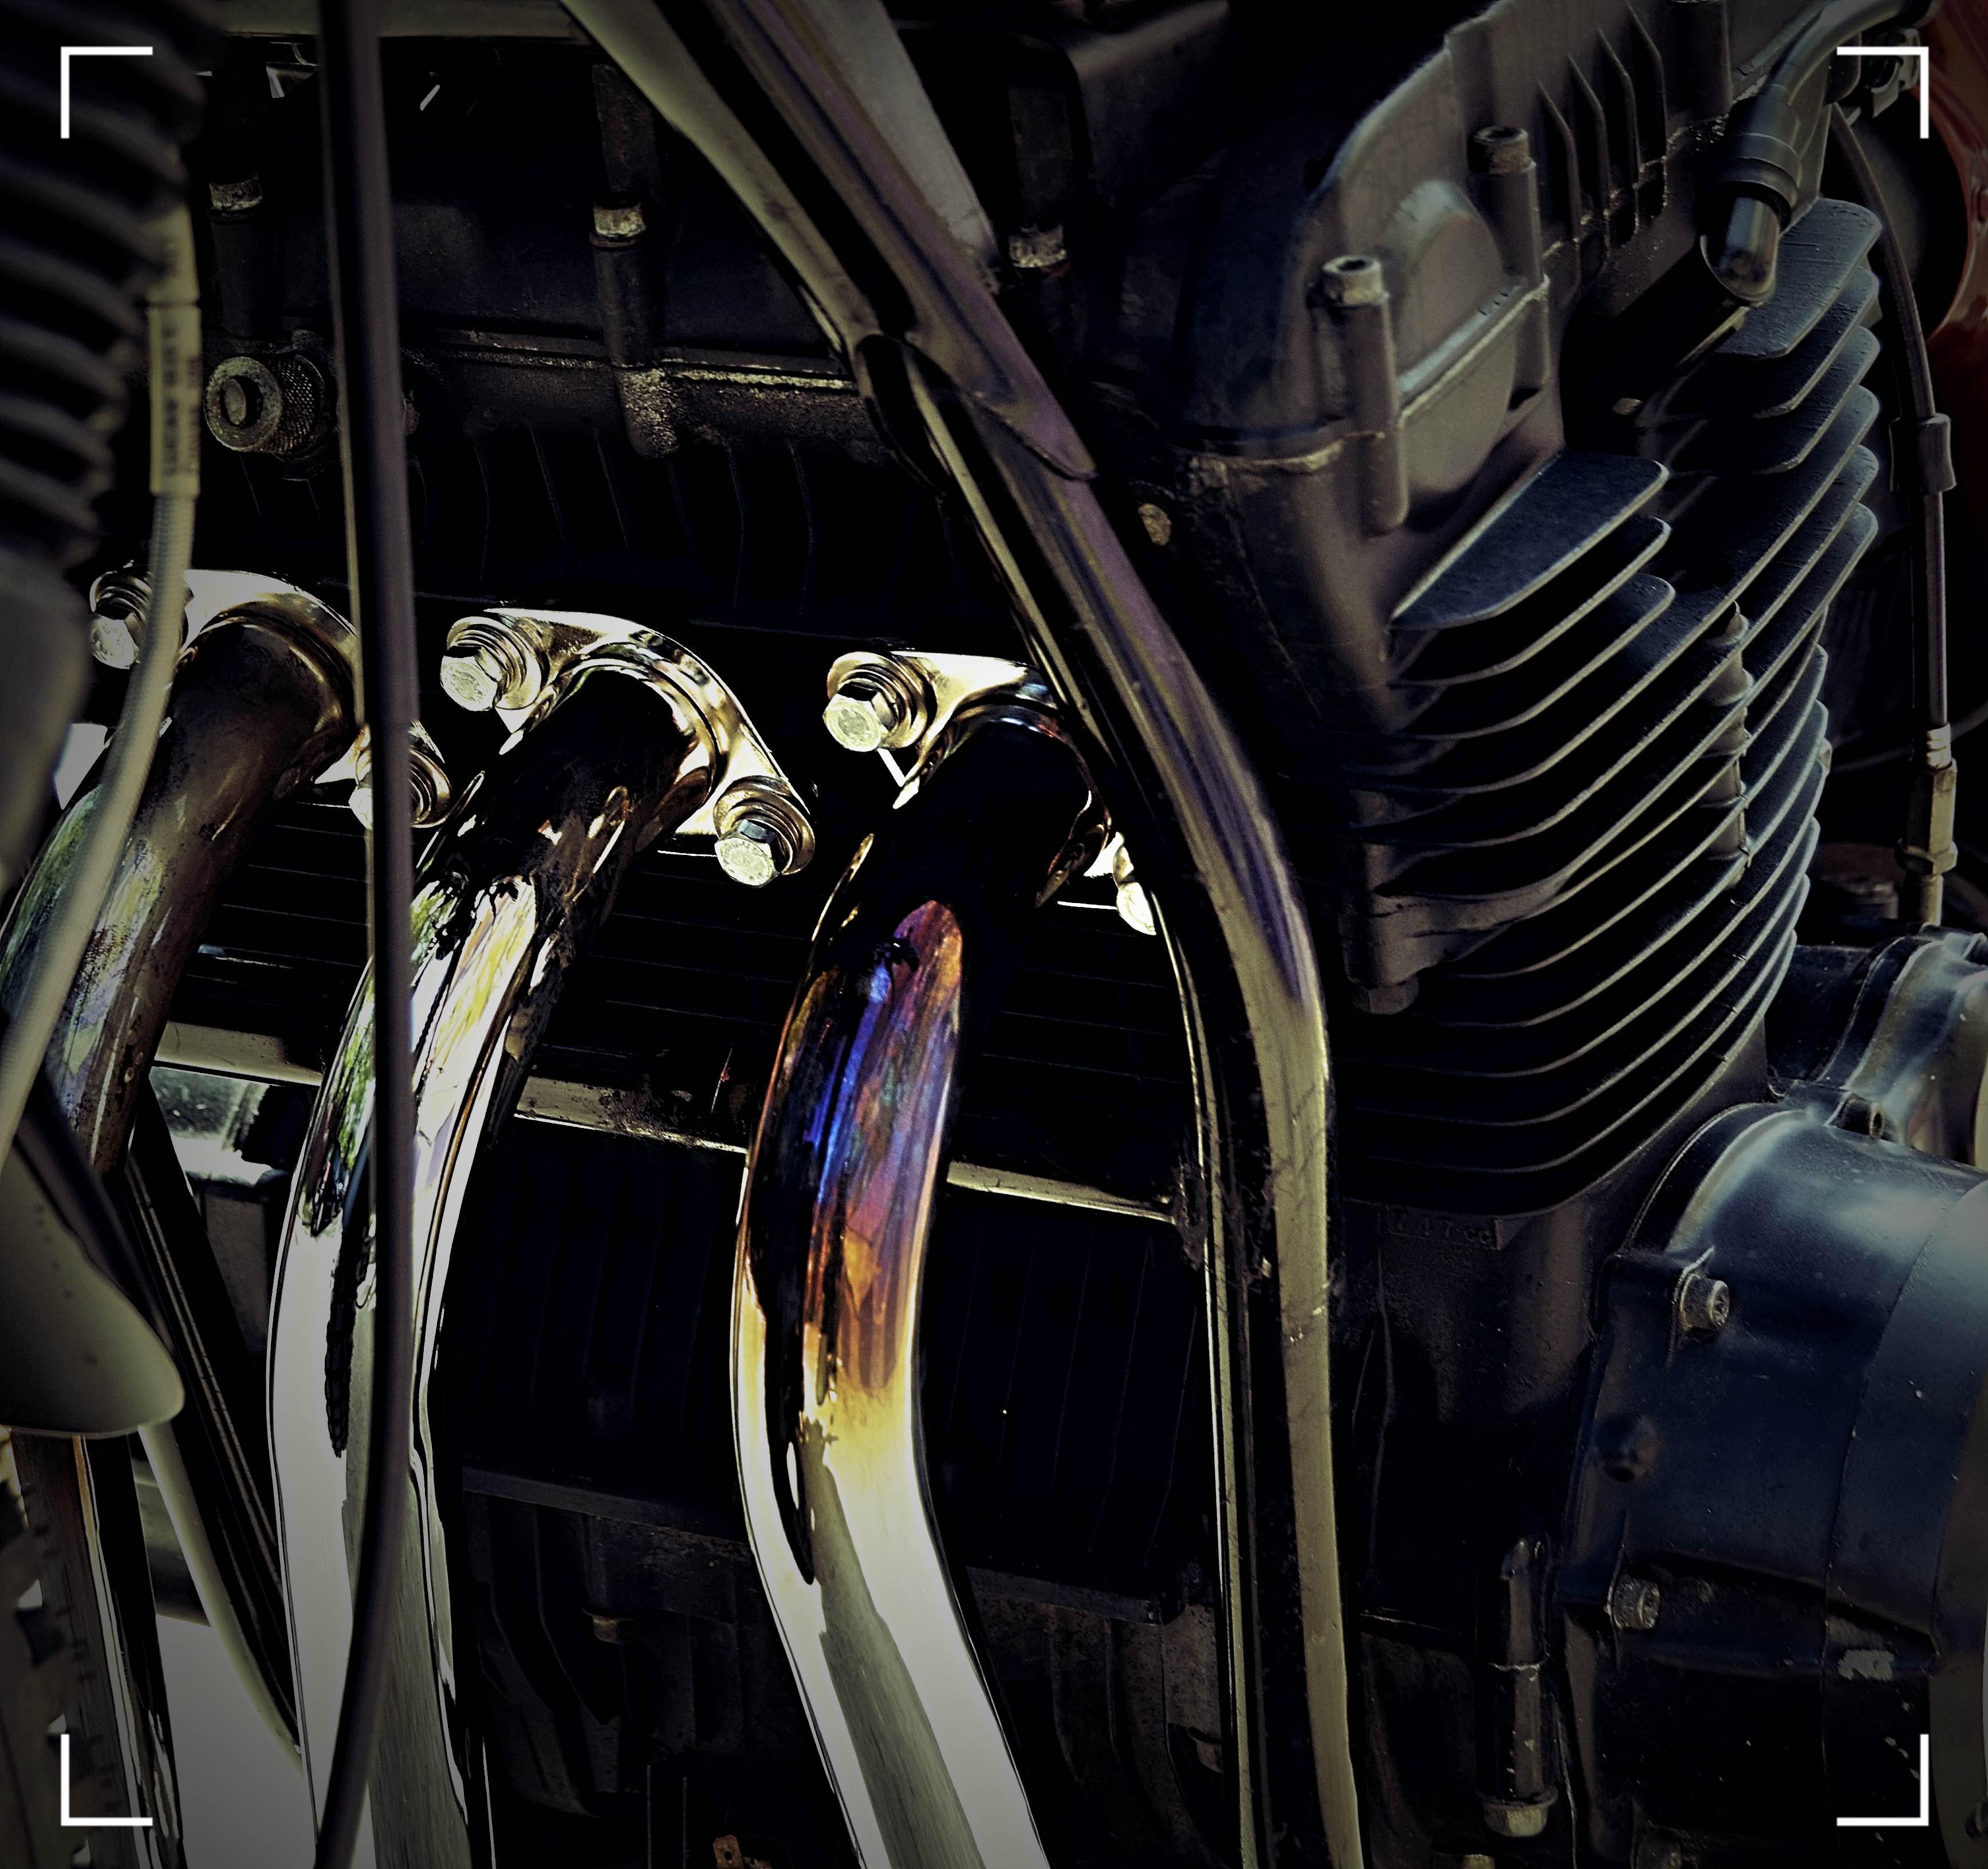 Yamaha XS750 BrownSugar 10